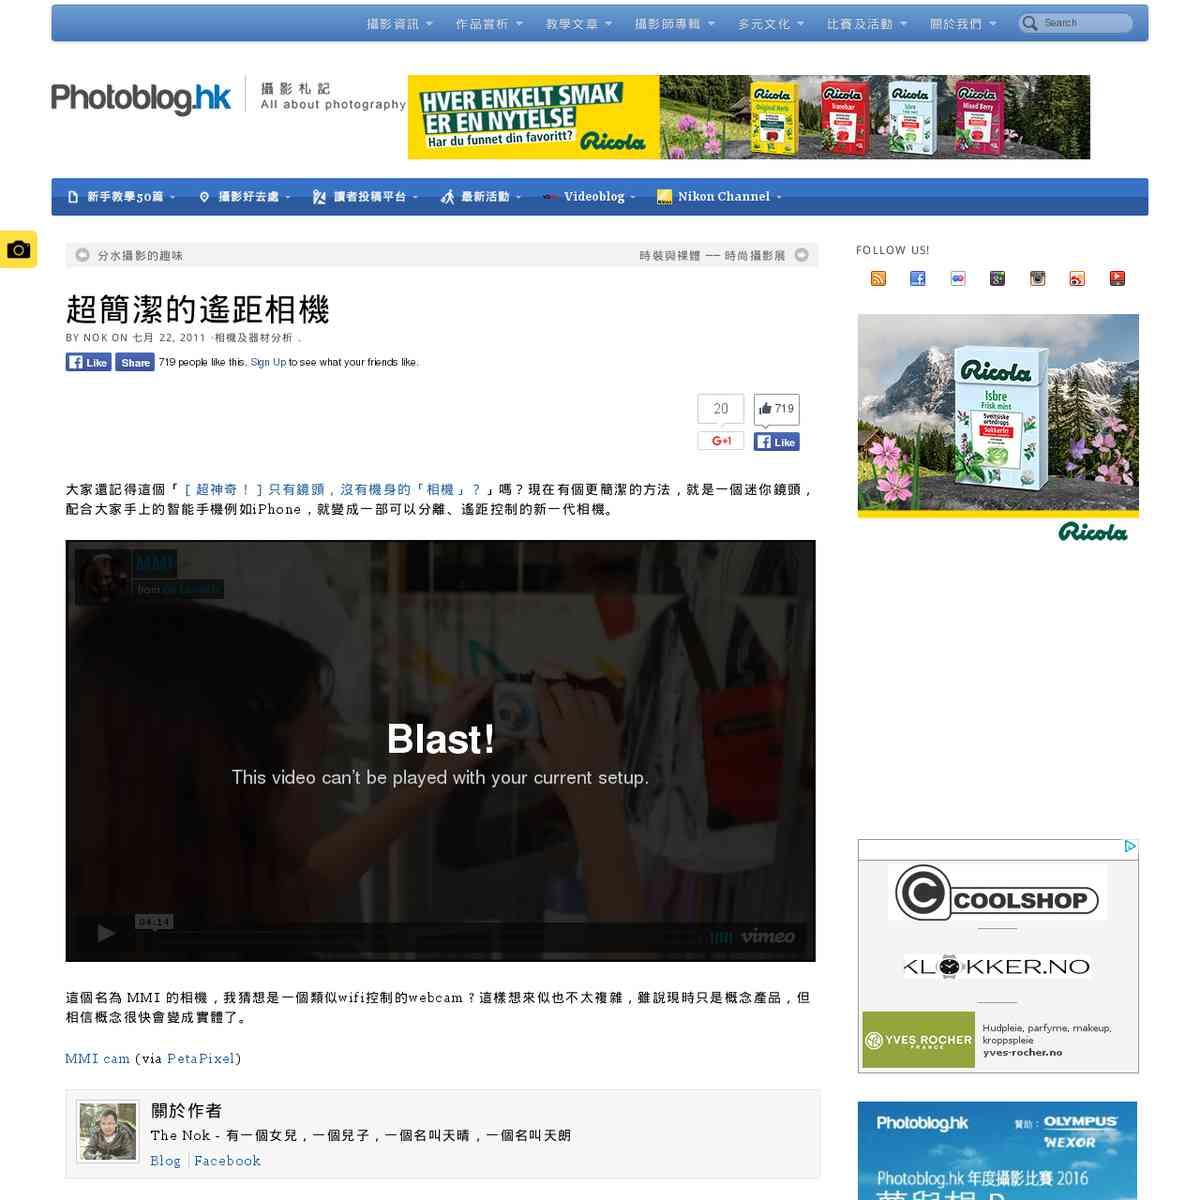 photoblog.hk/wordpress/13352/%e8%b6%85%e7%b0%a1%e6%bd%94%e7%9a%84%e9%81%99%e8%b7%9d%e7%9b%b8%e6%a9%9